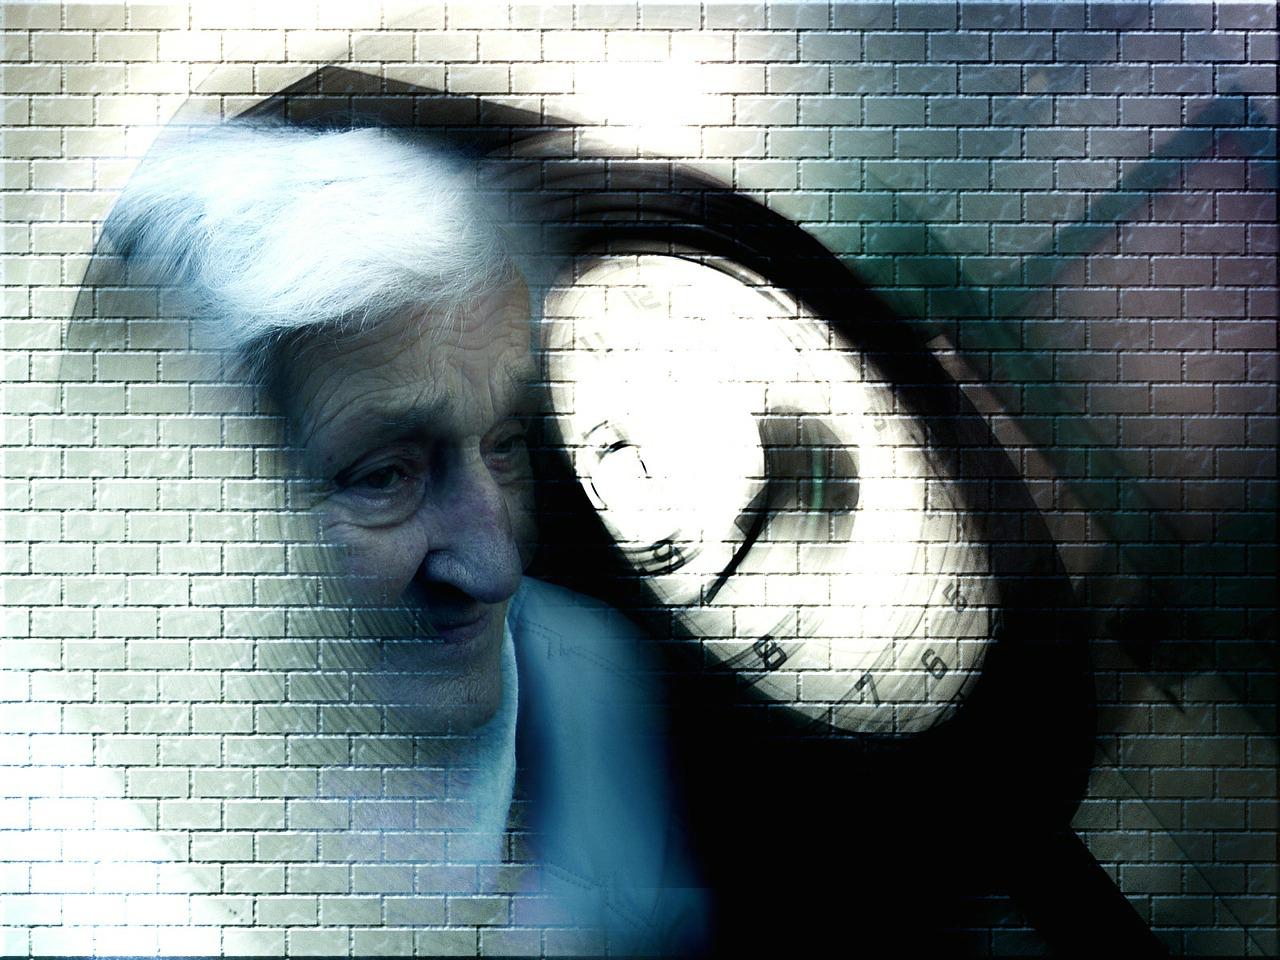 sintomas de la enfermedad de alzheimer